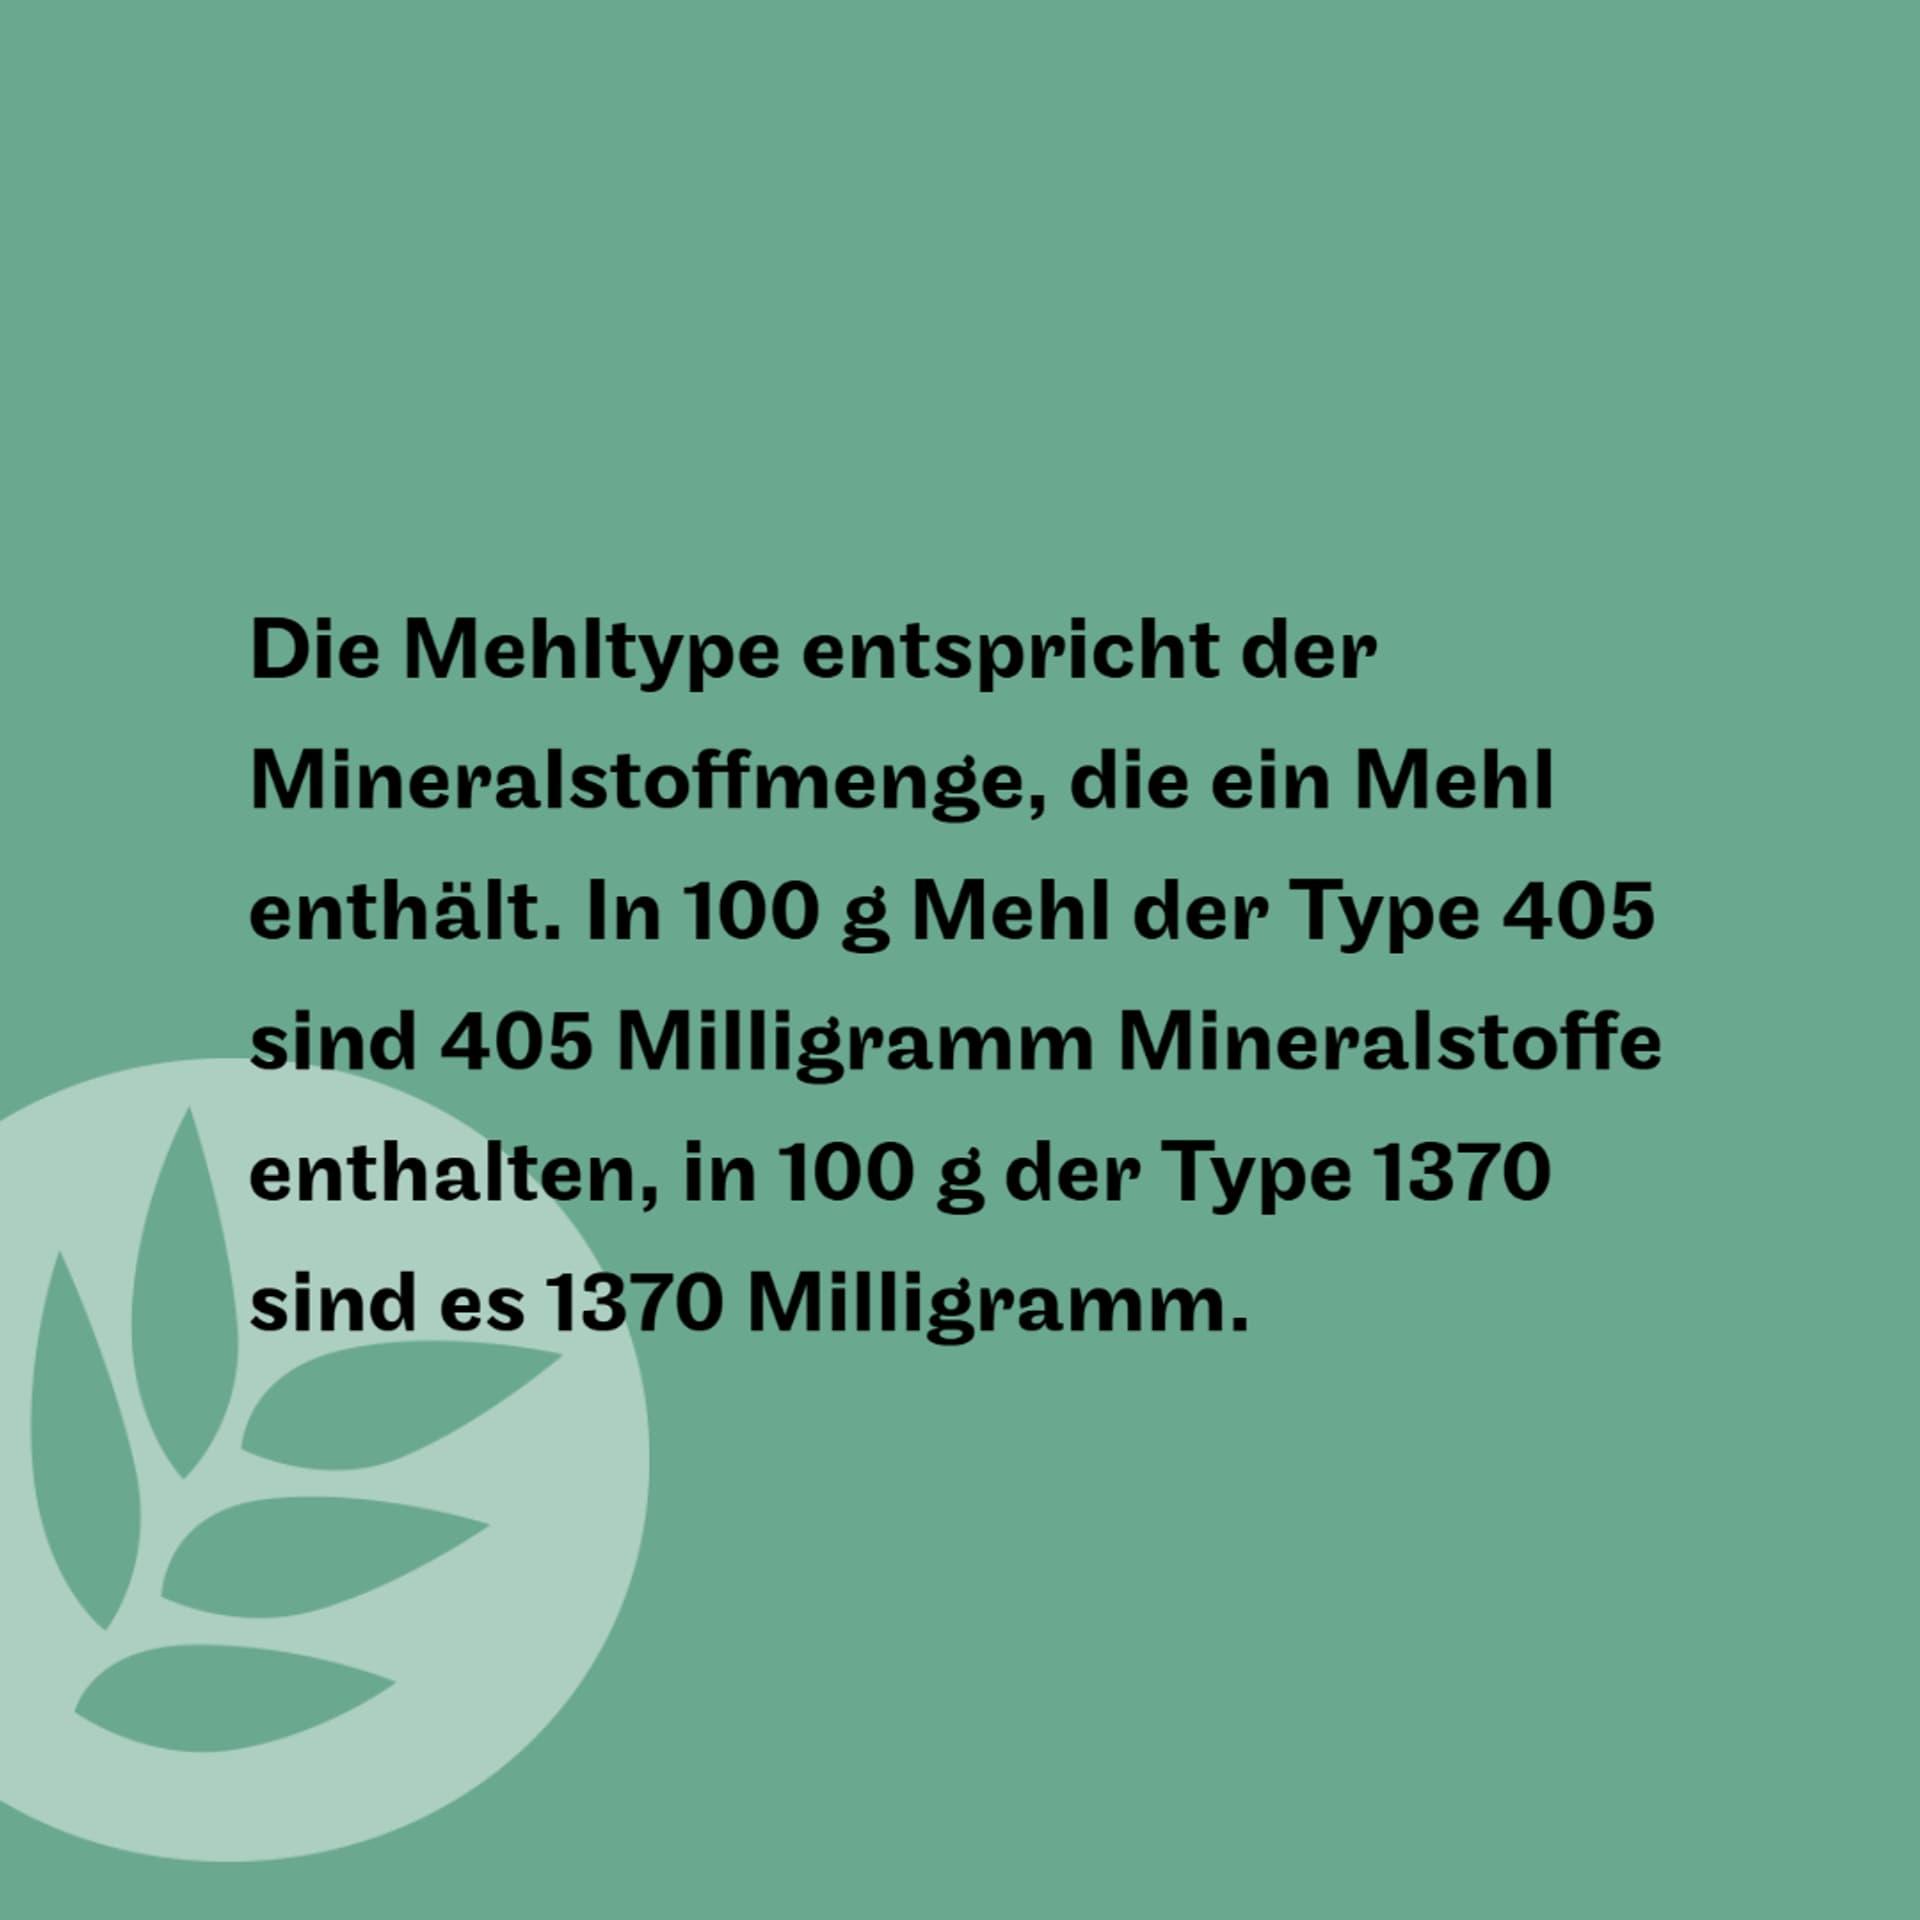 Mehltype